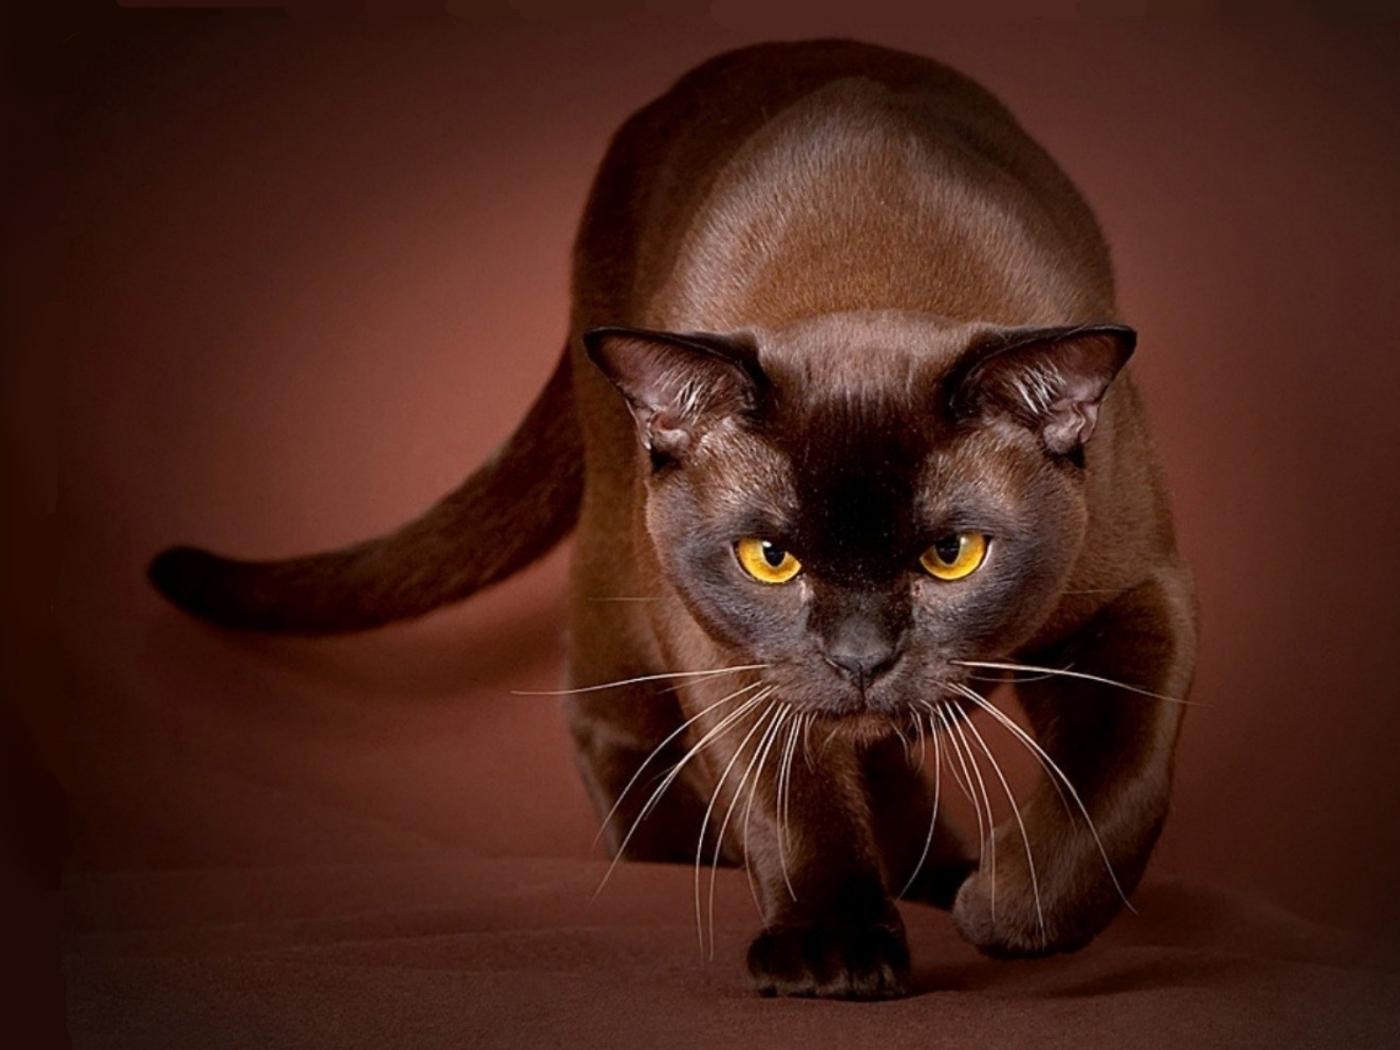 32699 скачать Красные обои на телефон бесплатно, Кошки (Коты, Котики), Животные Красные картинки и заставки на мобильный